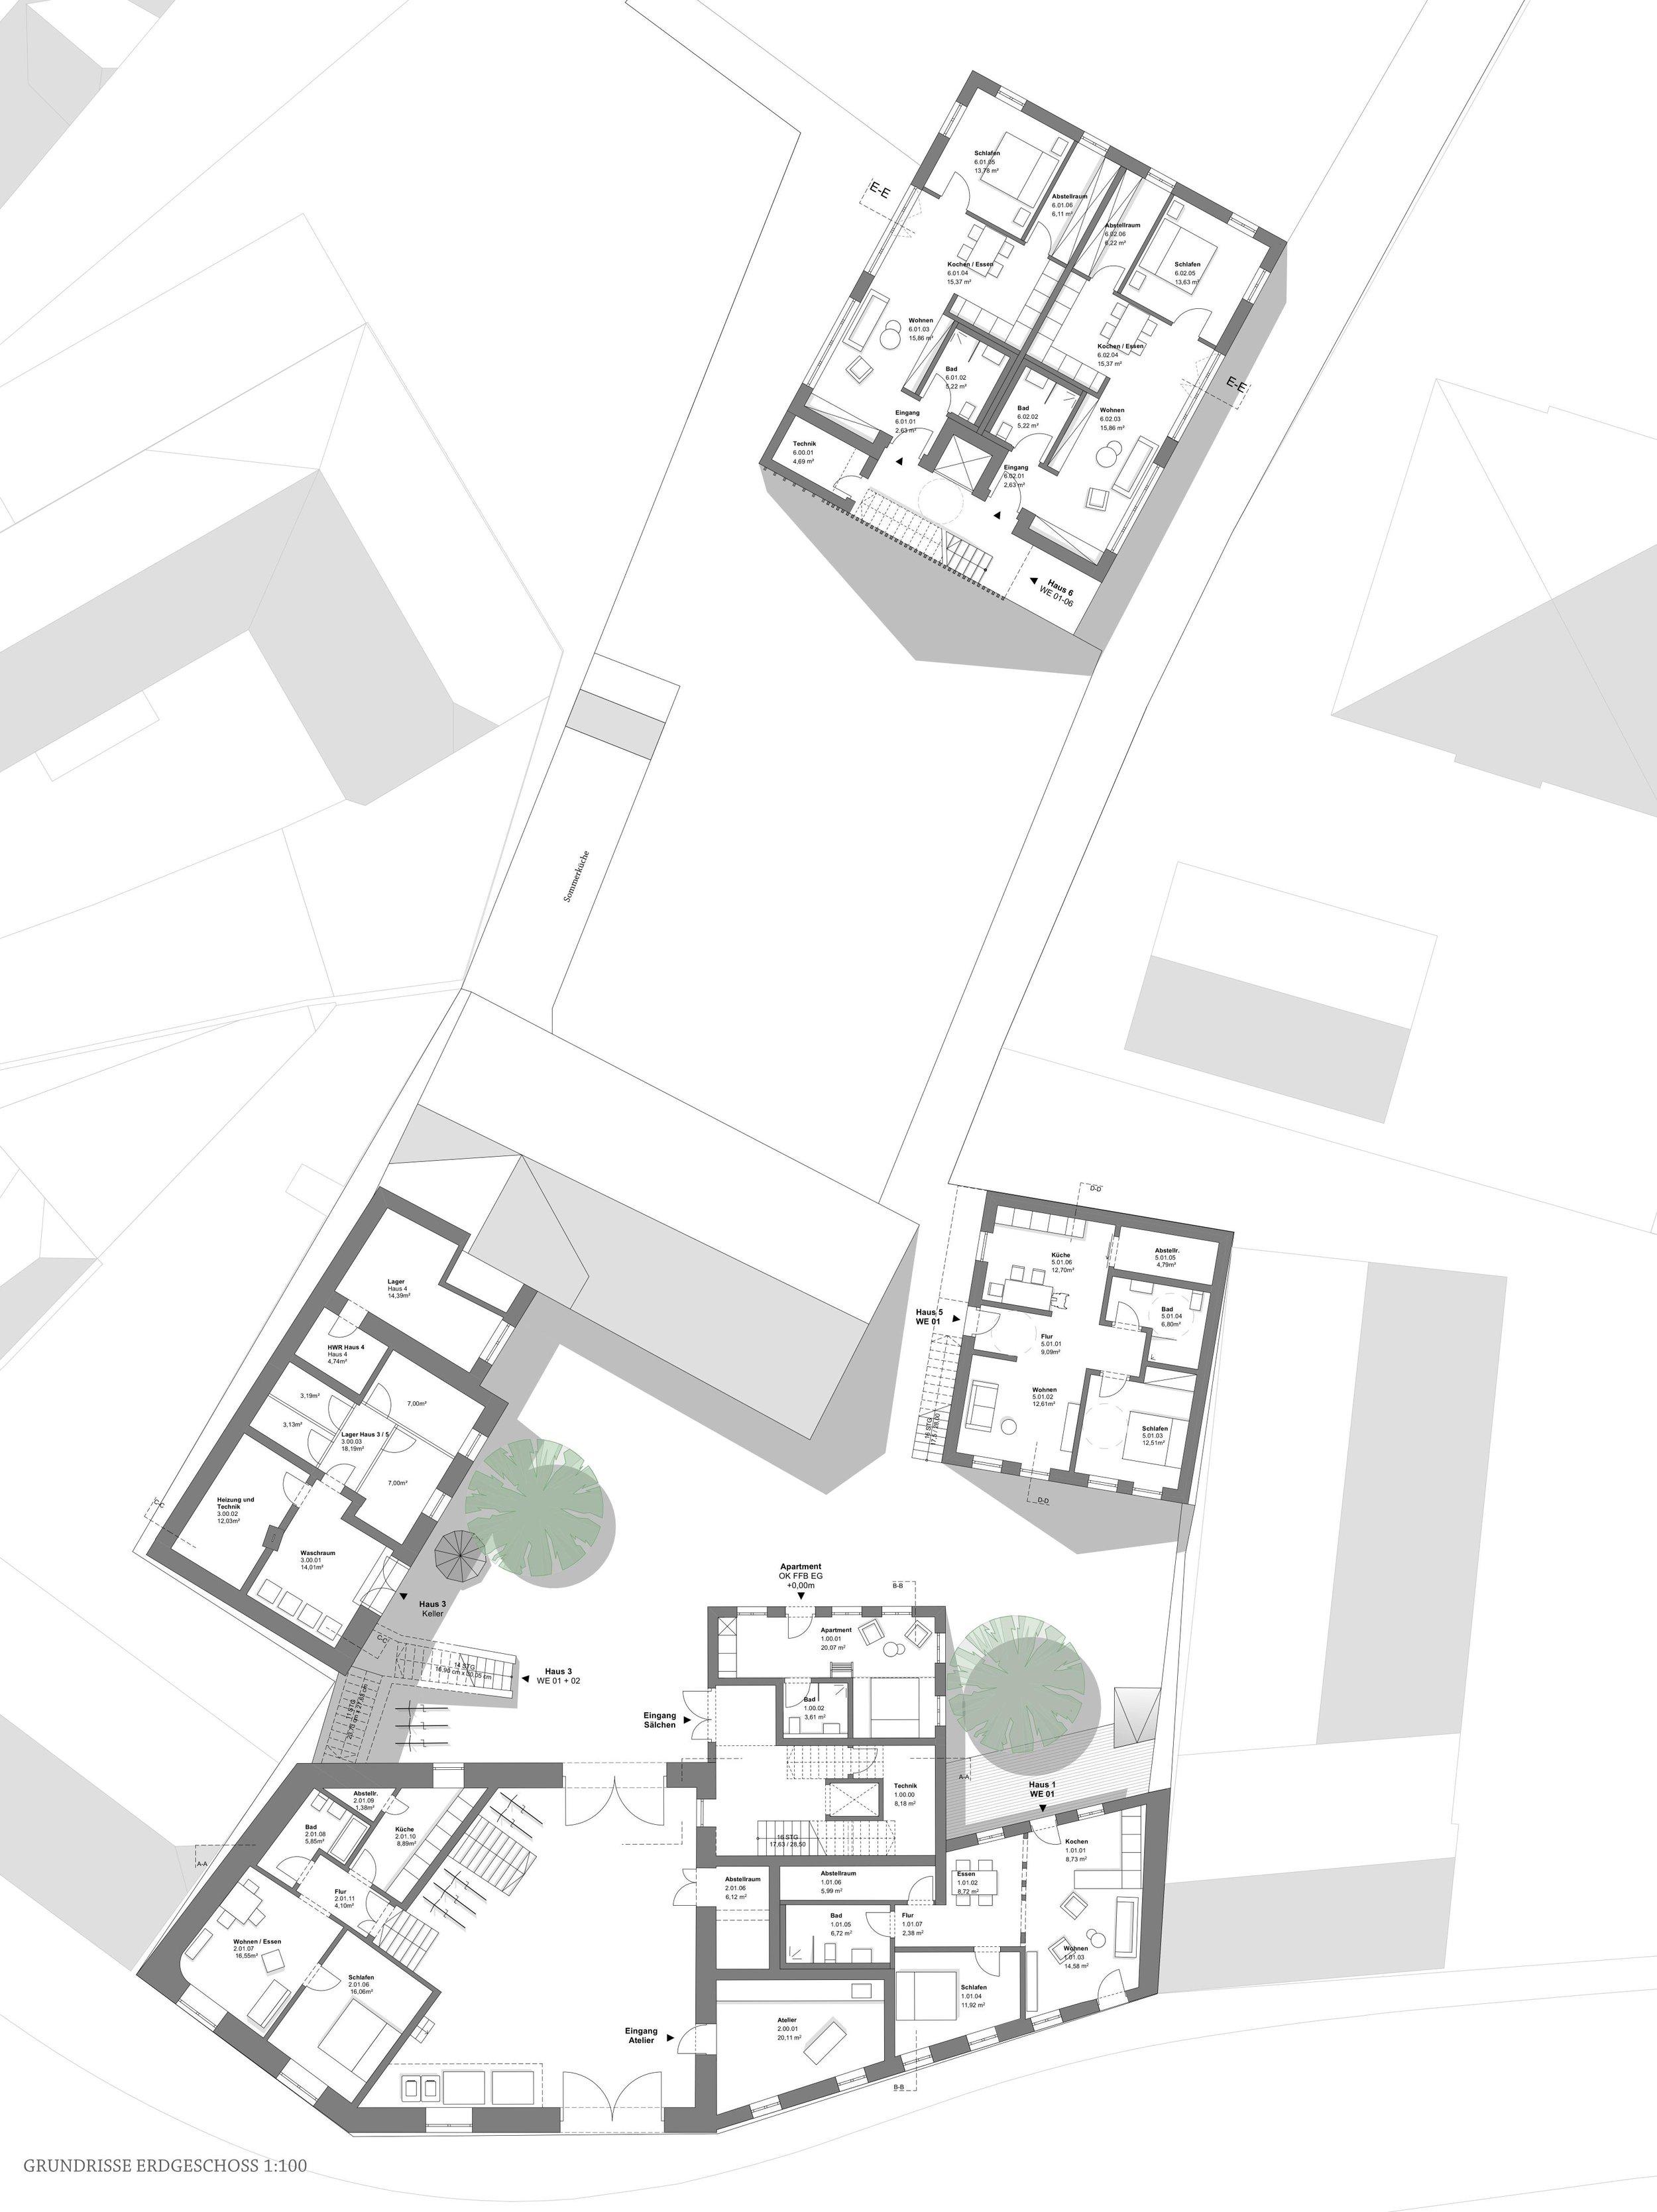 KERCHER_Architetkur_Finklerhof_Grundrisse.jpg